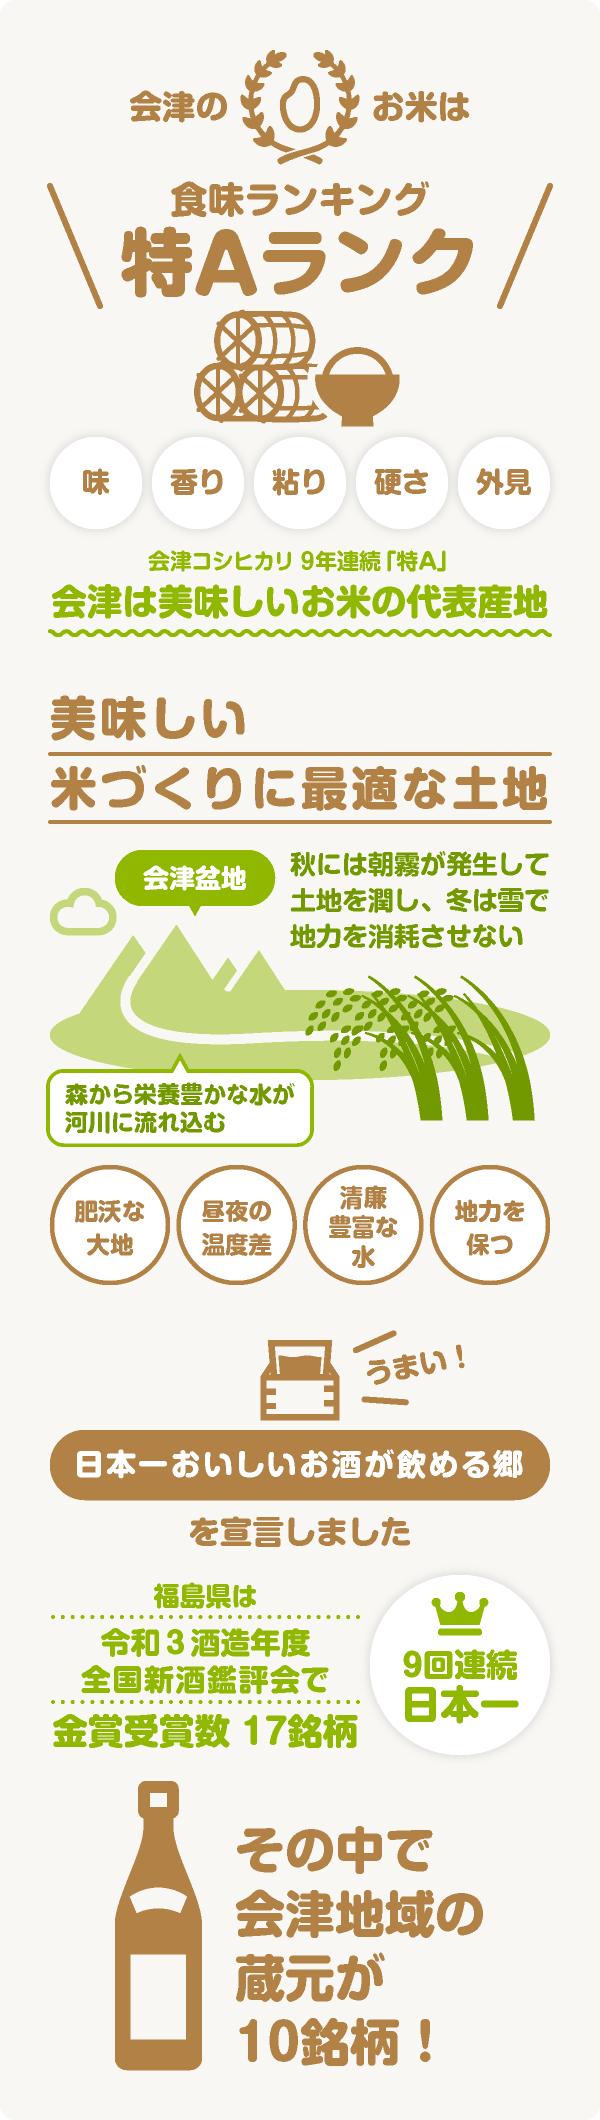 テーマ食材:米・酒